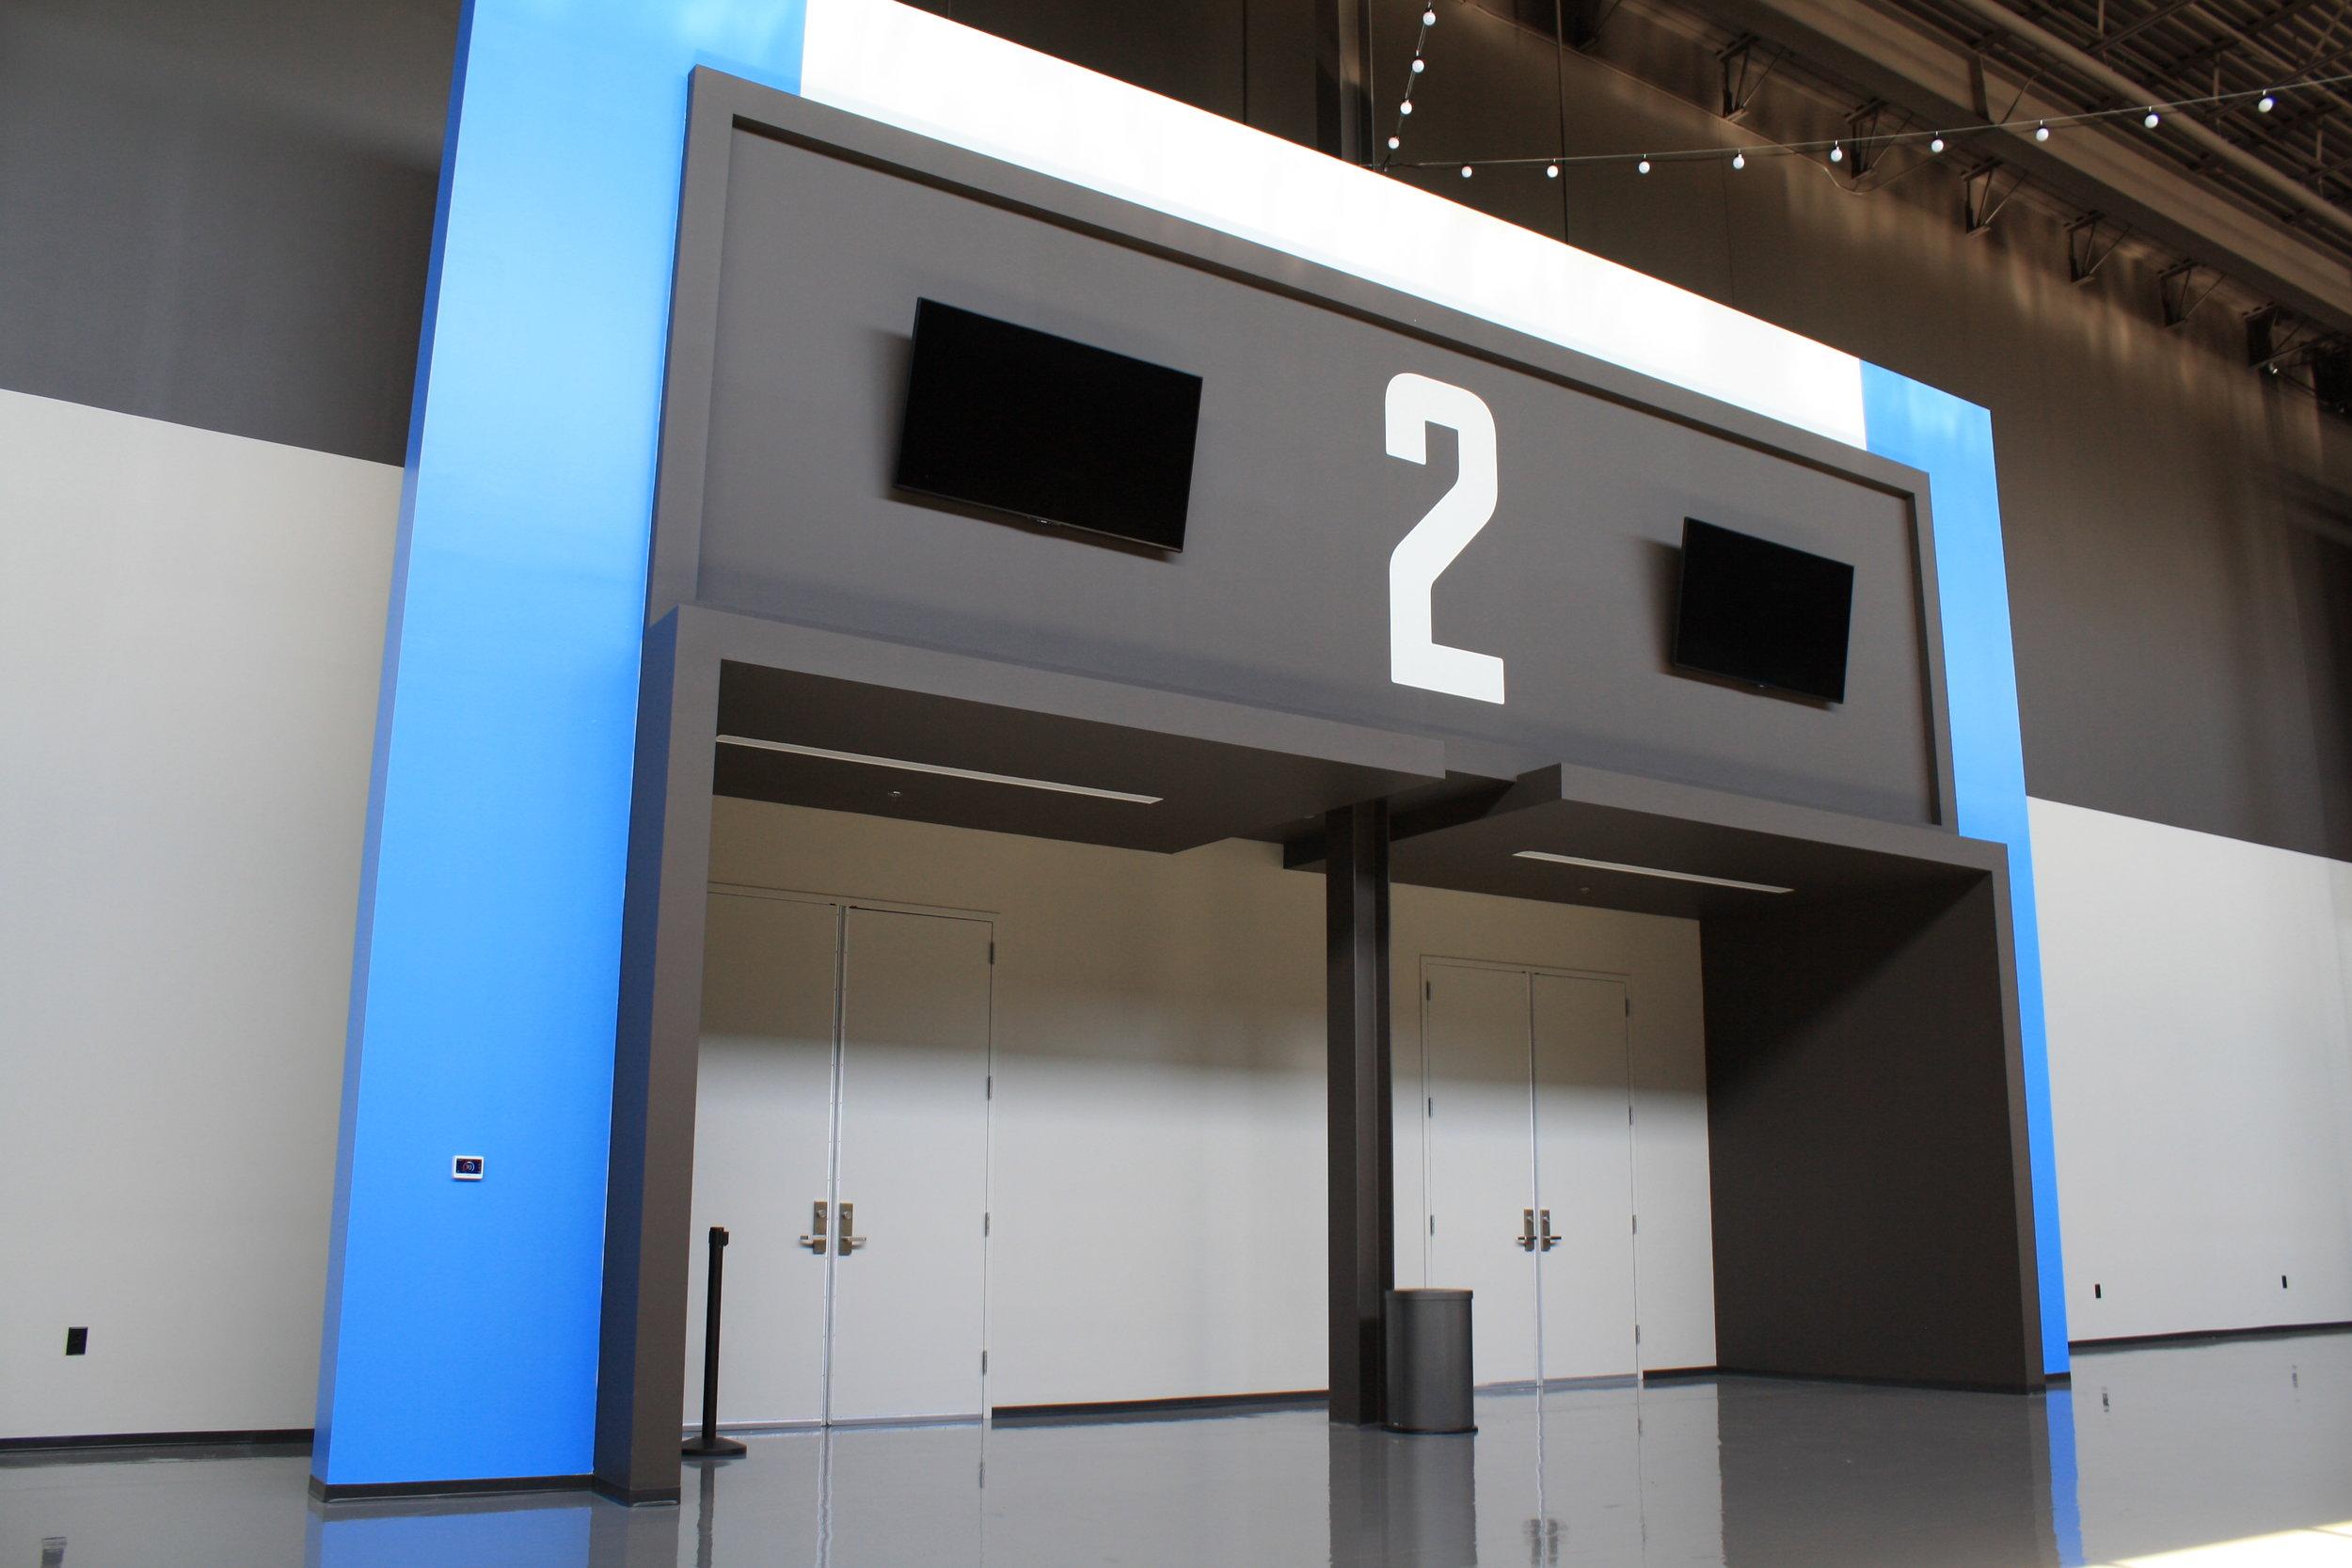 Graceland_Graceland-Exhibition-Center_Exhibit-Entrances_LSIGraphics_Memphis-TN-2 ..